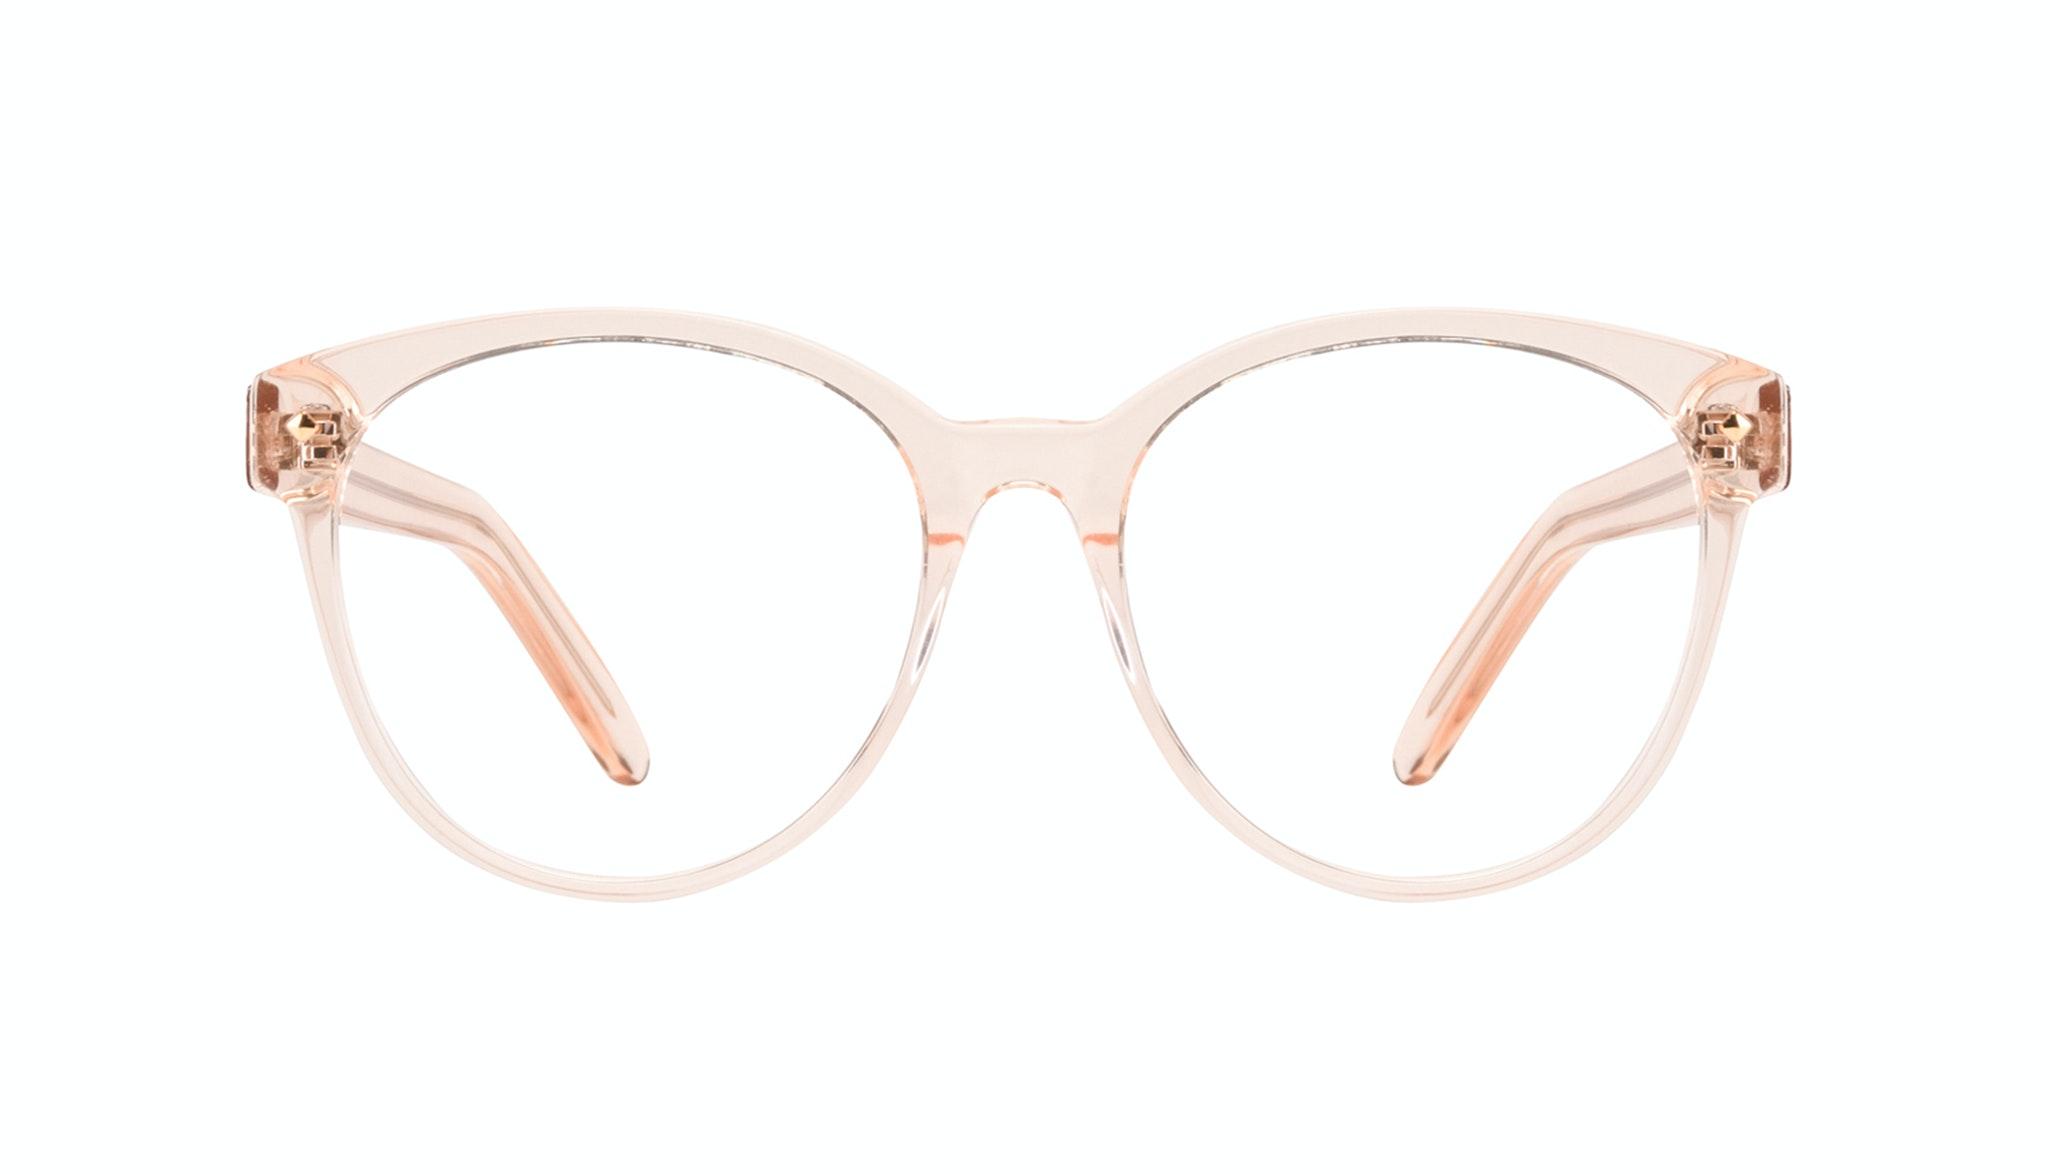 Lunettes tendance Ronde Lunettes de vue Femmes Eclipse Blond